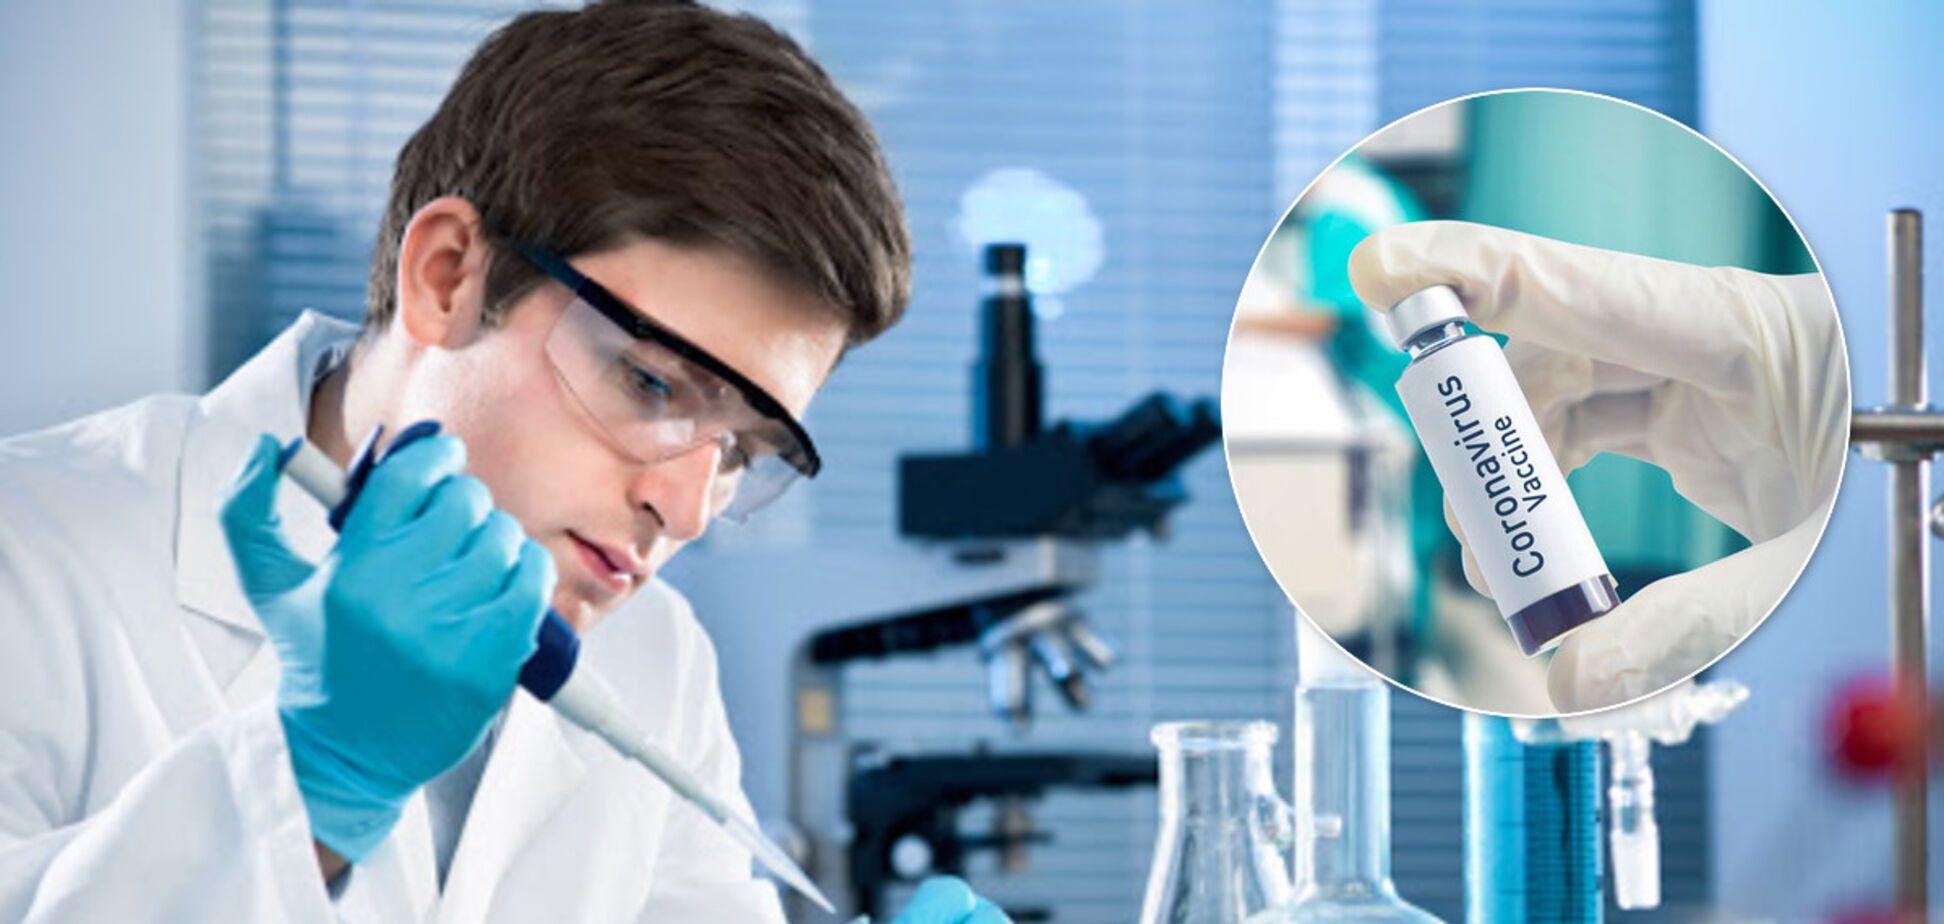 У Франції заявили про початок лікування COVID-19 токсичним засобом від малярії